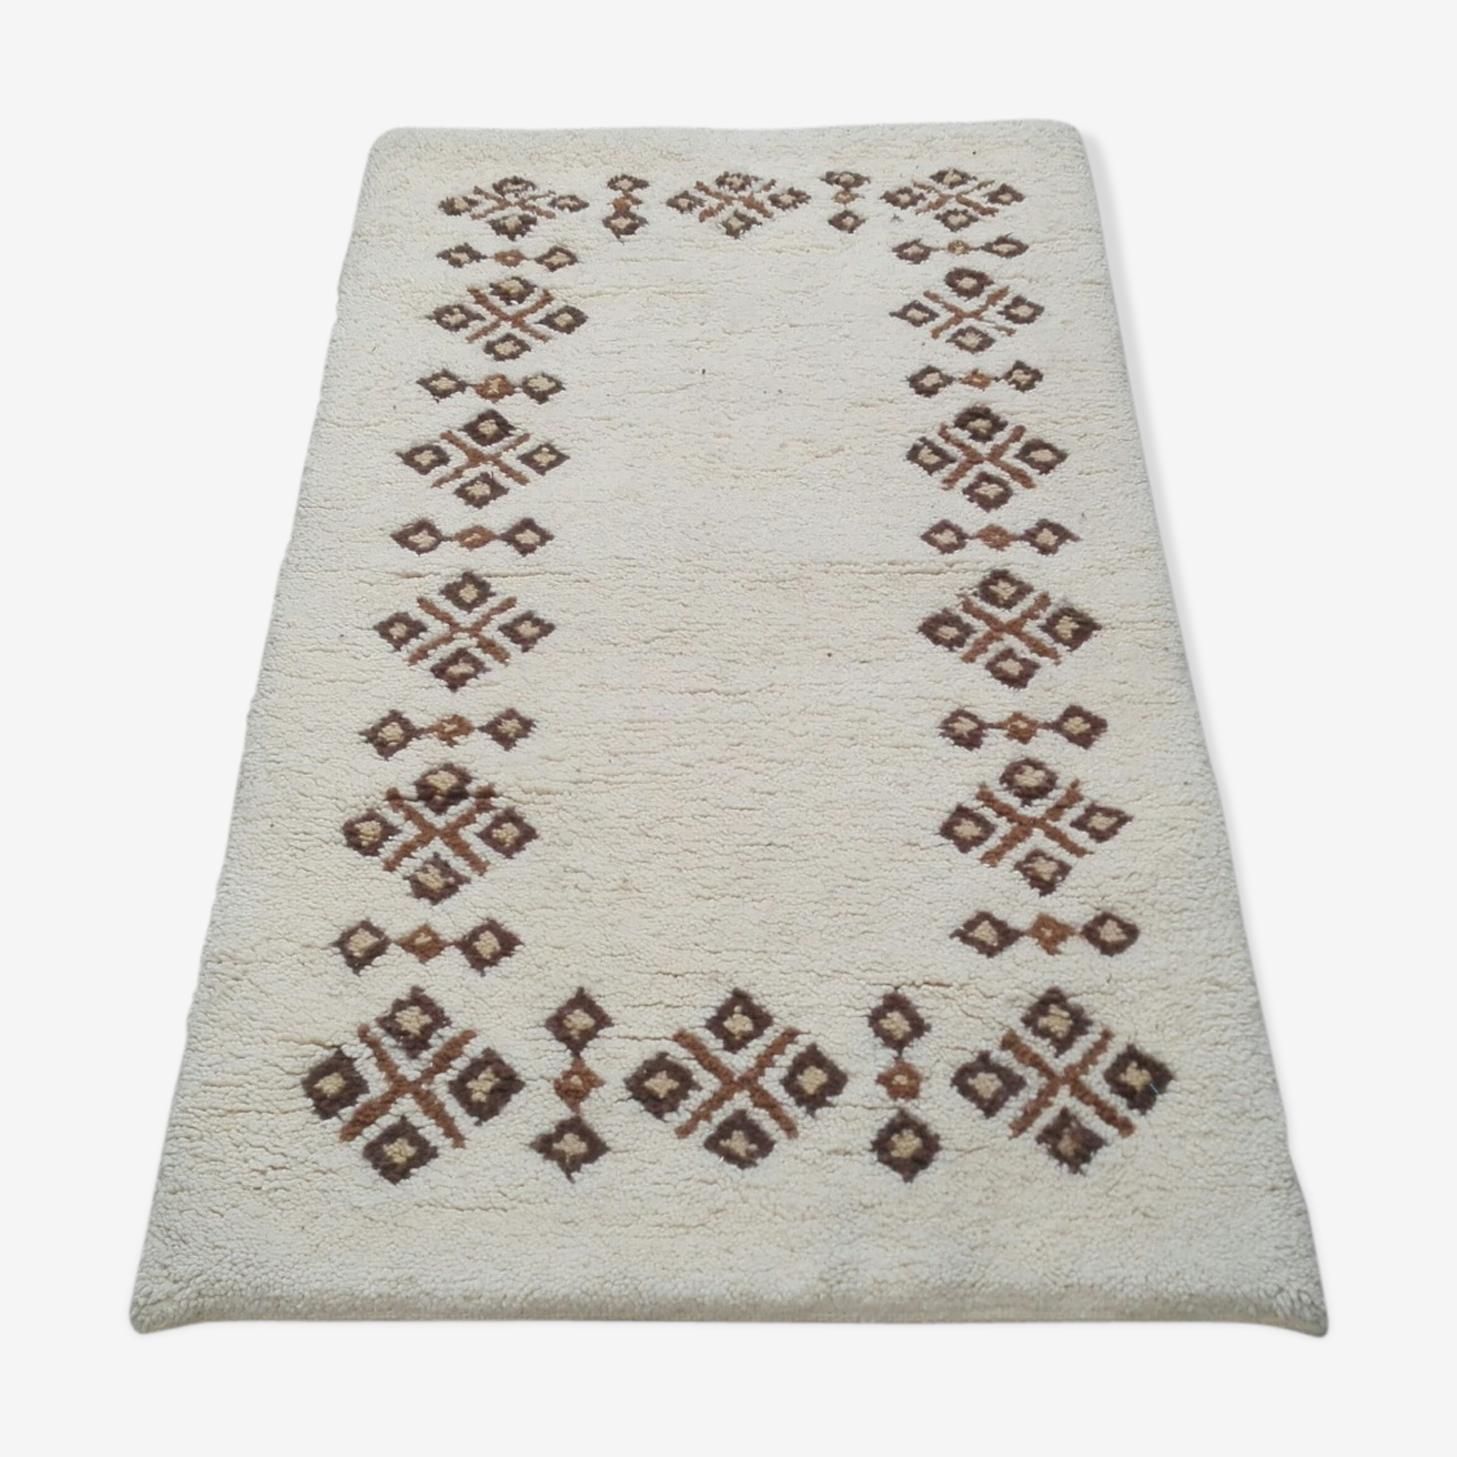 Tapis berbère blanc et noir en laine 90x160cm